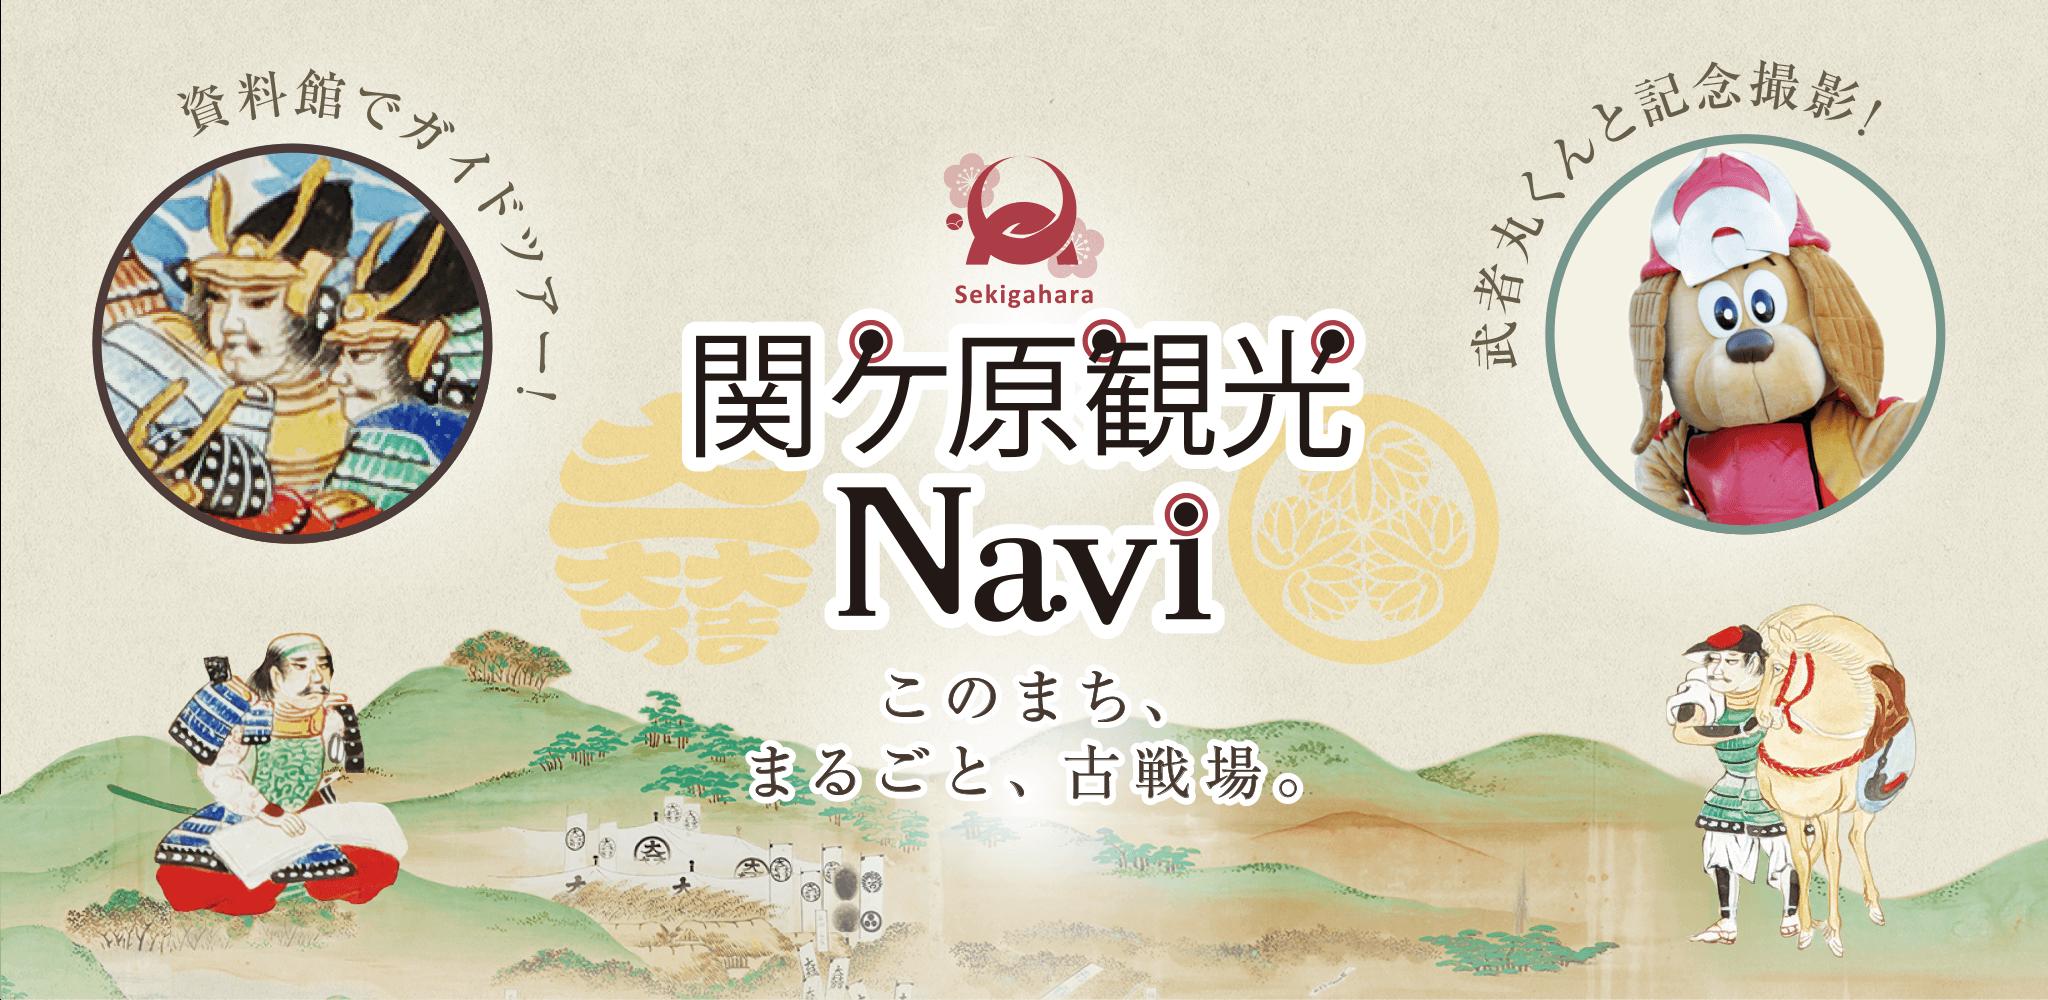 【Geoα】AR観光アプリ「関ケ原観光Navi」で史跡巡り